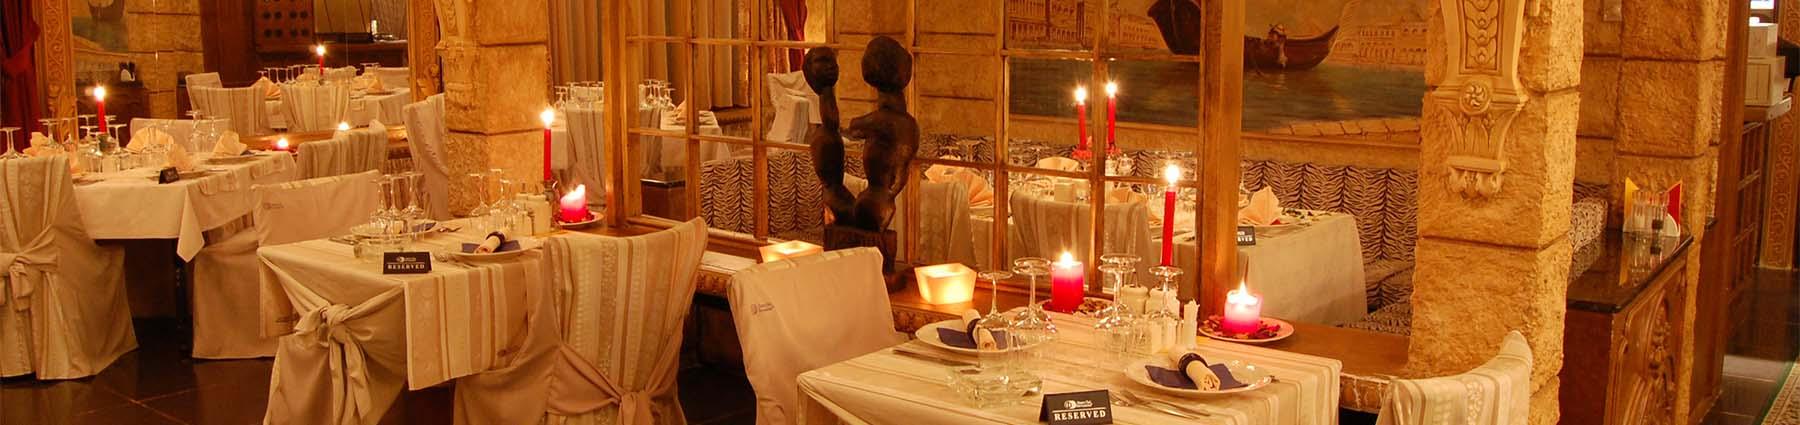 Ресторан Маракана